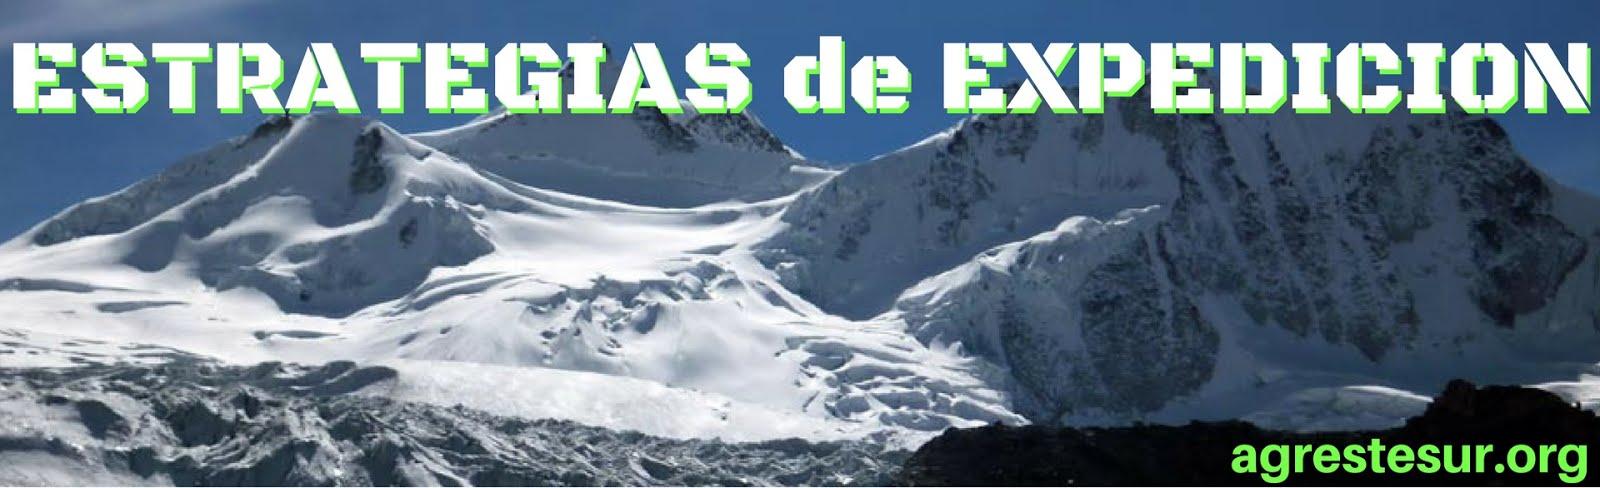 ESTRATEGIAS de EXPEDICION